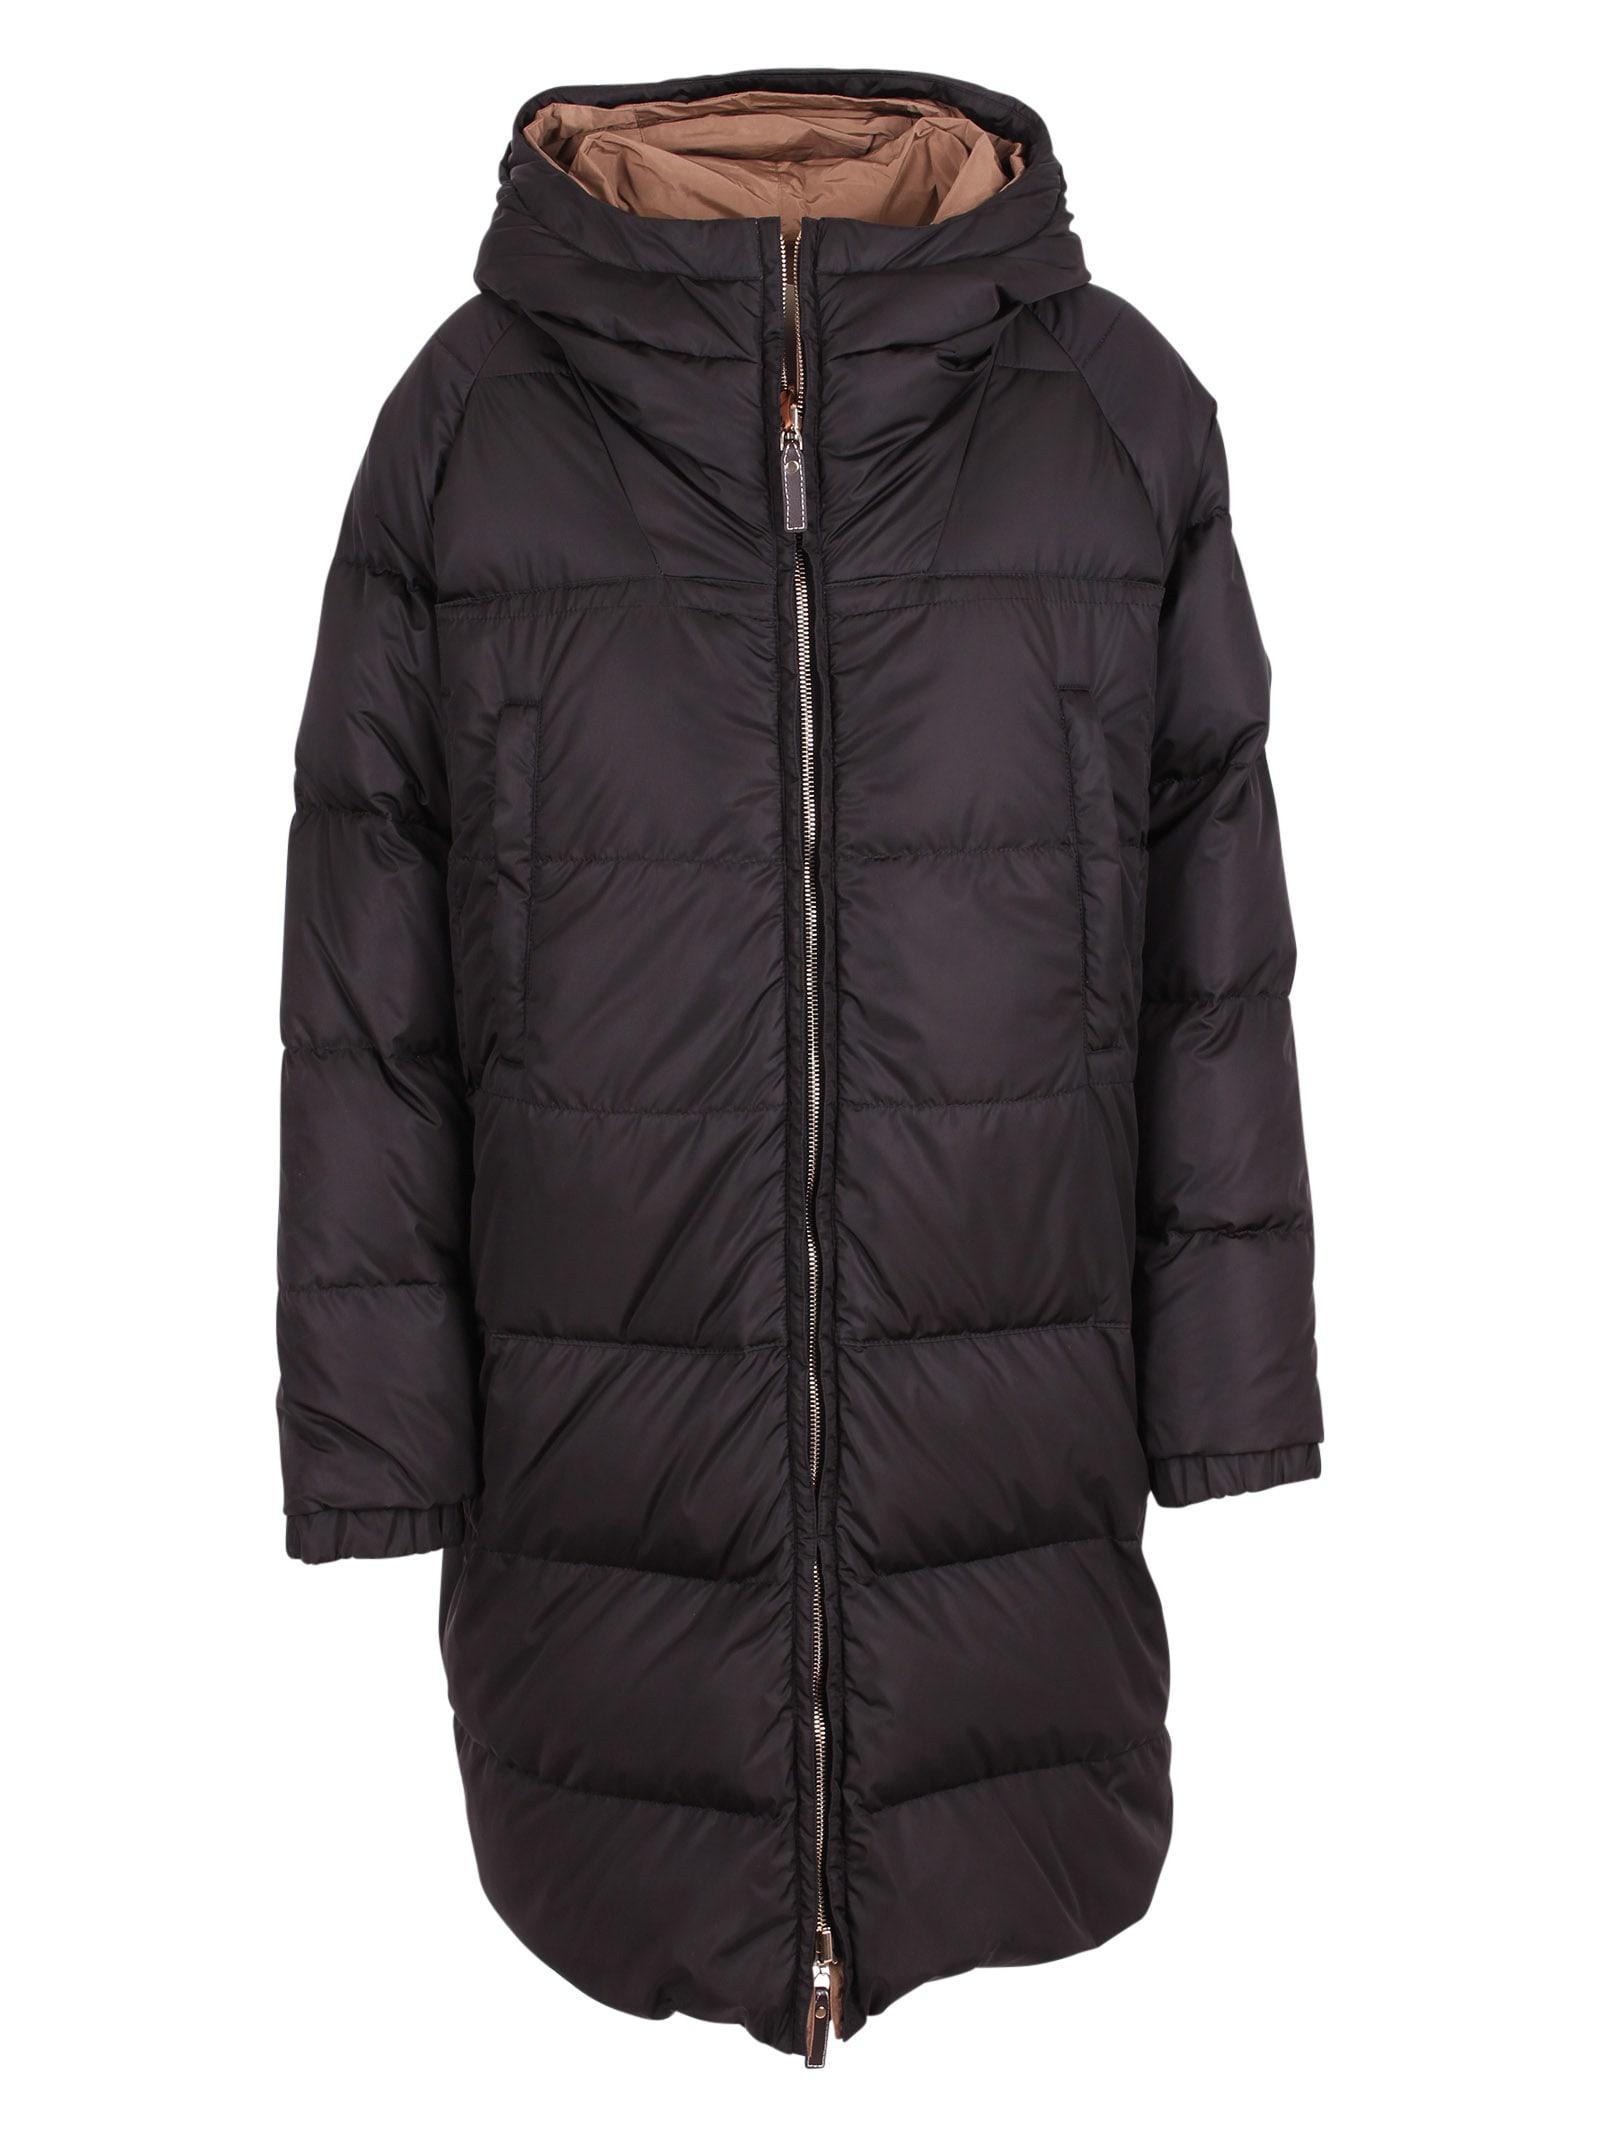 sportl Reversible Down Jacket